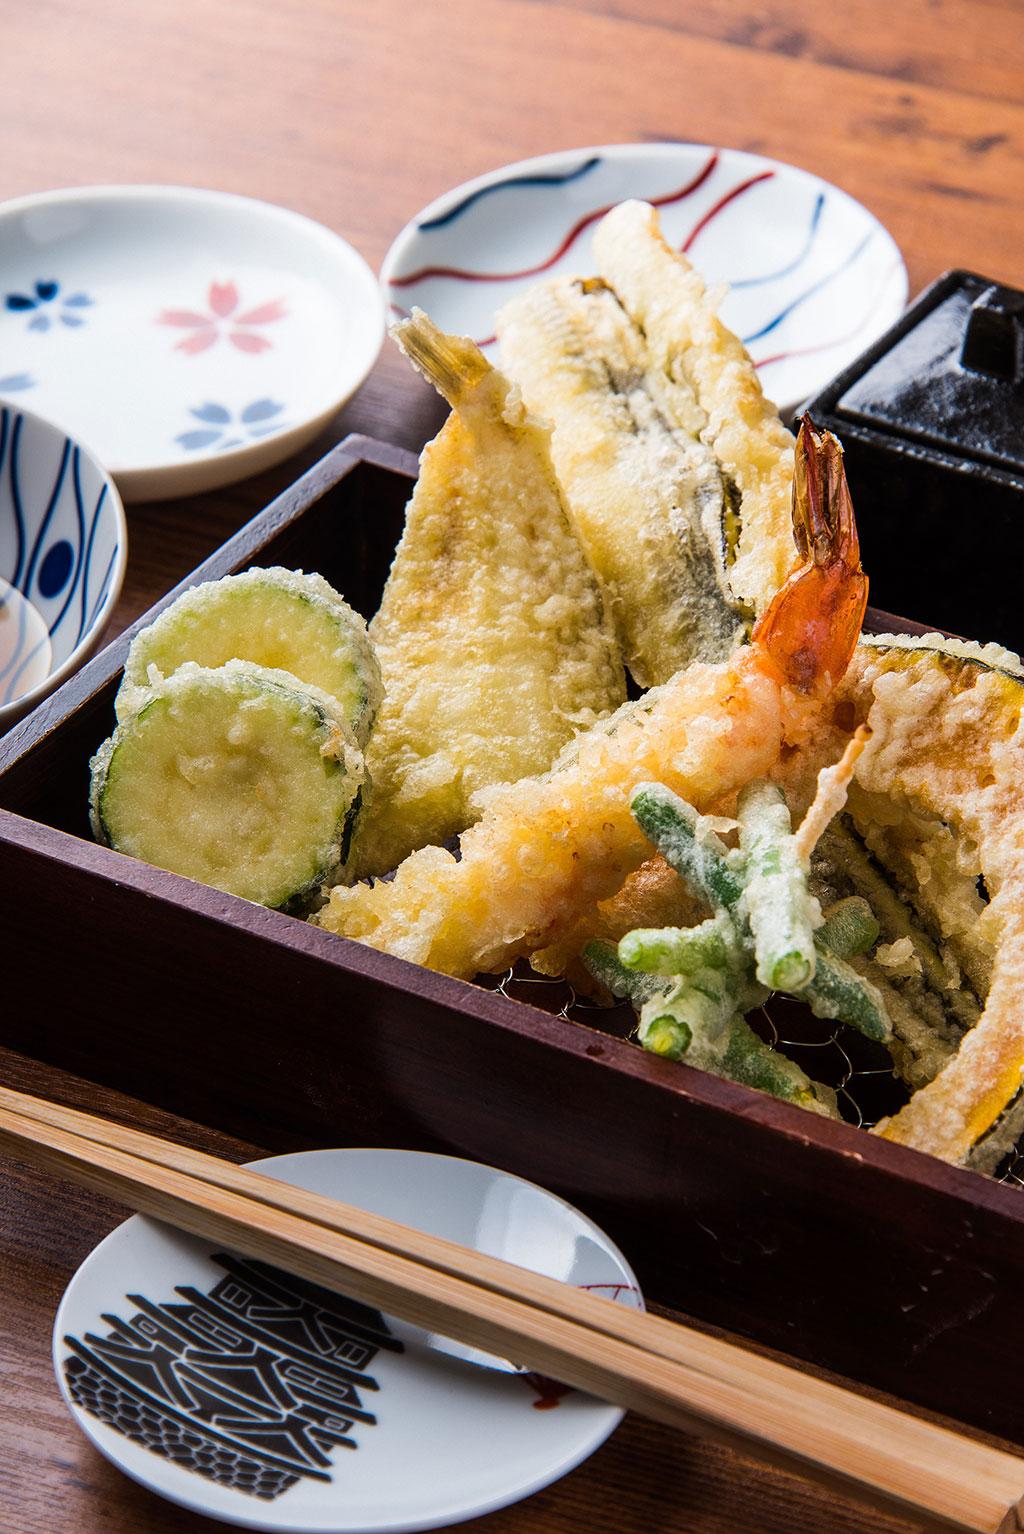 お祝いギフトに食事券をプレゼント。名古屋で極上の天ぷらを味わう!